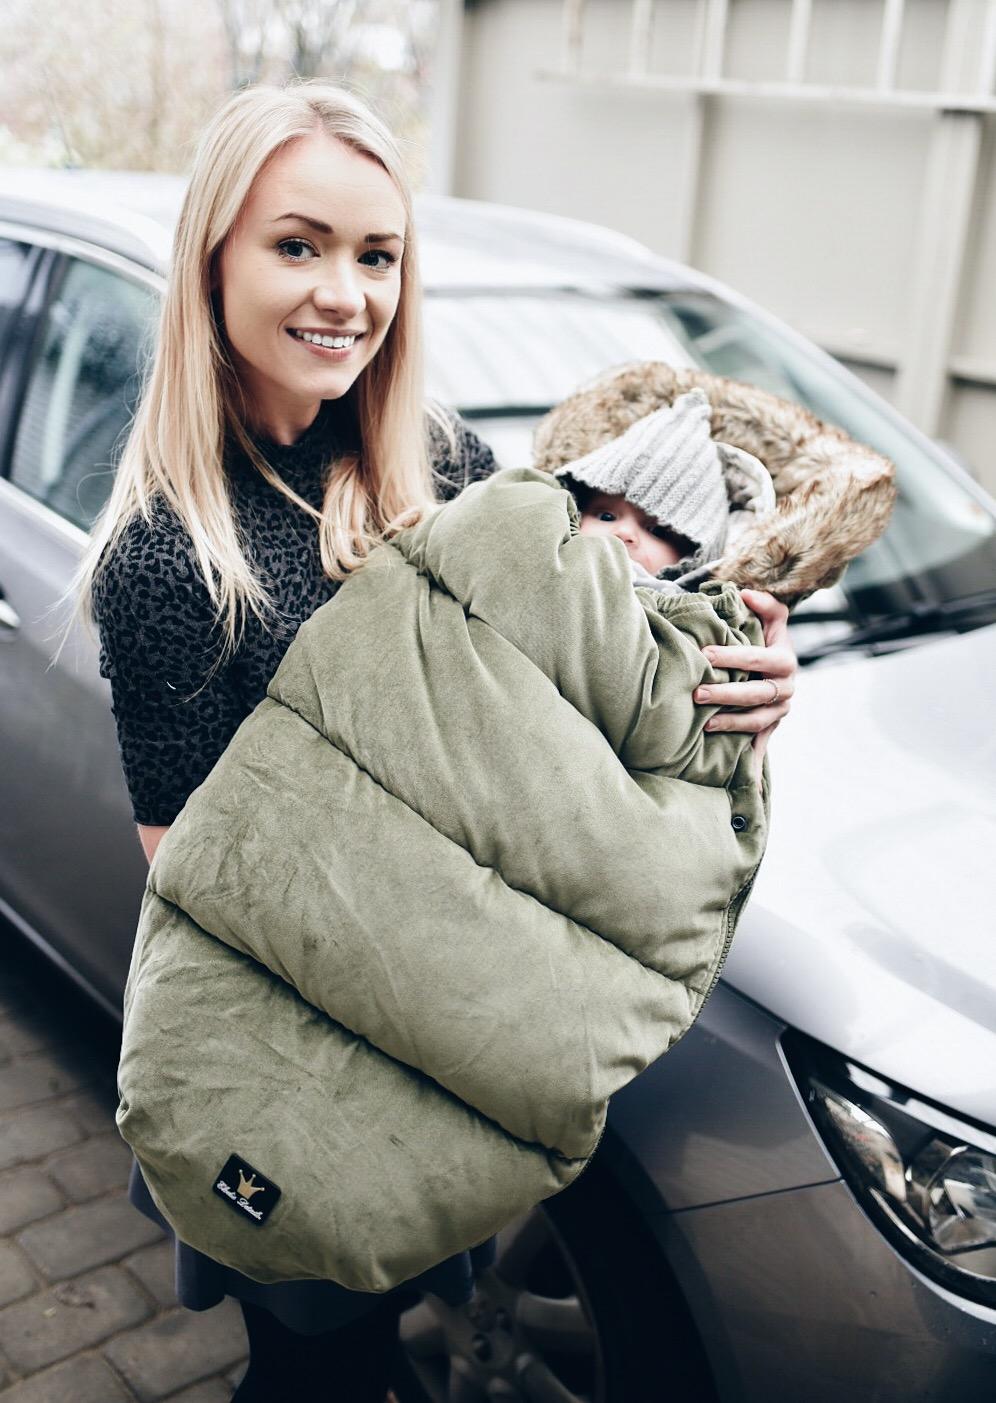 Den lækreste kørepose